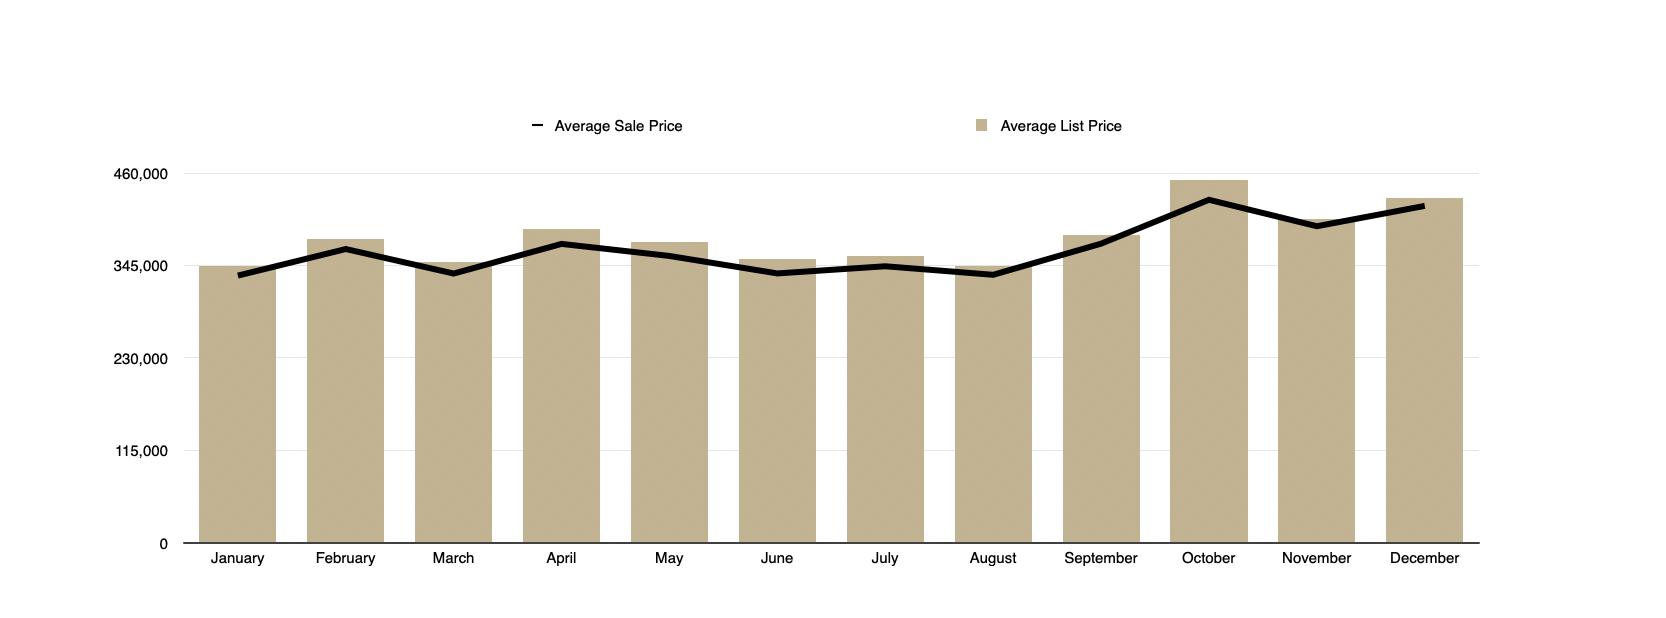 Single Family Homes Average Sales Price vs Average List Price